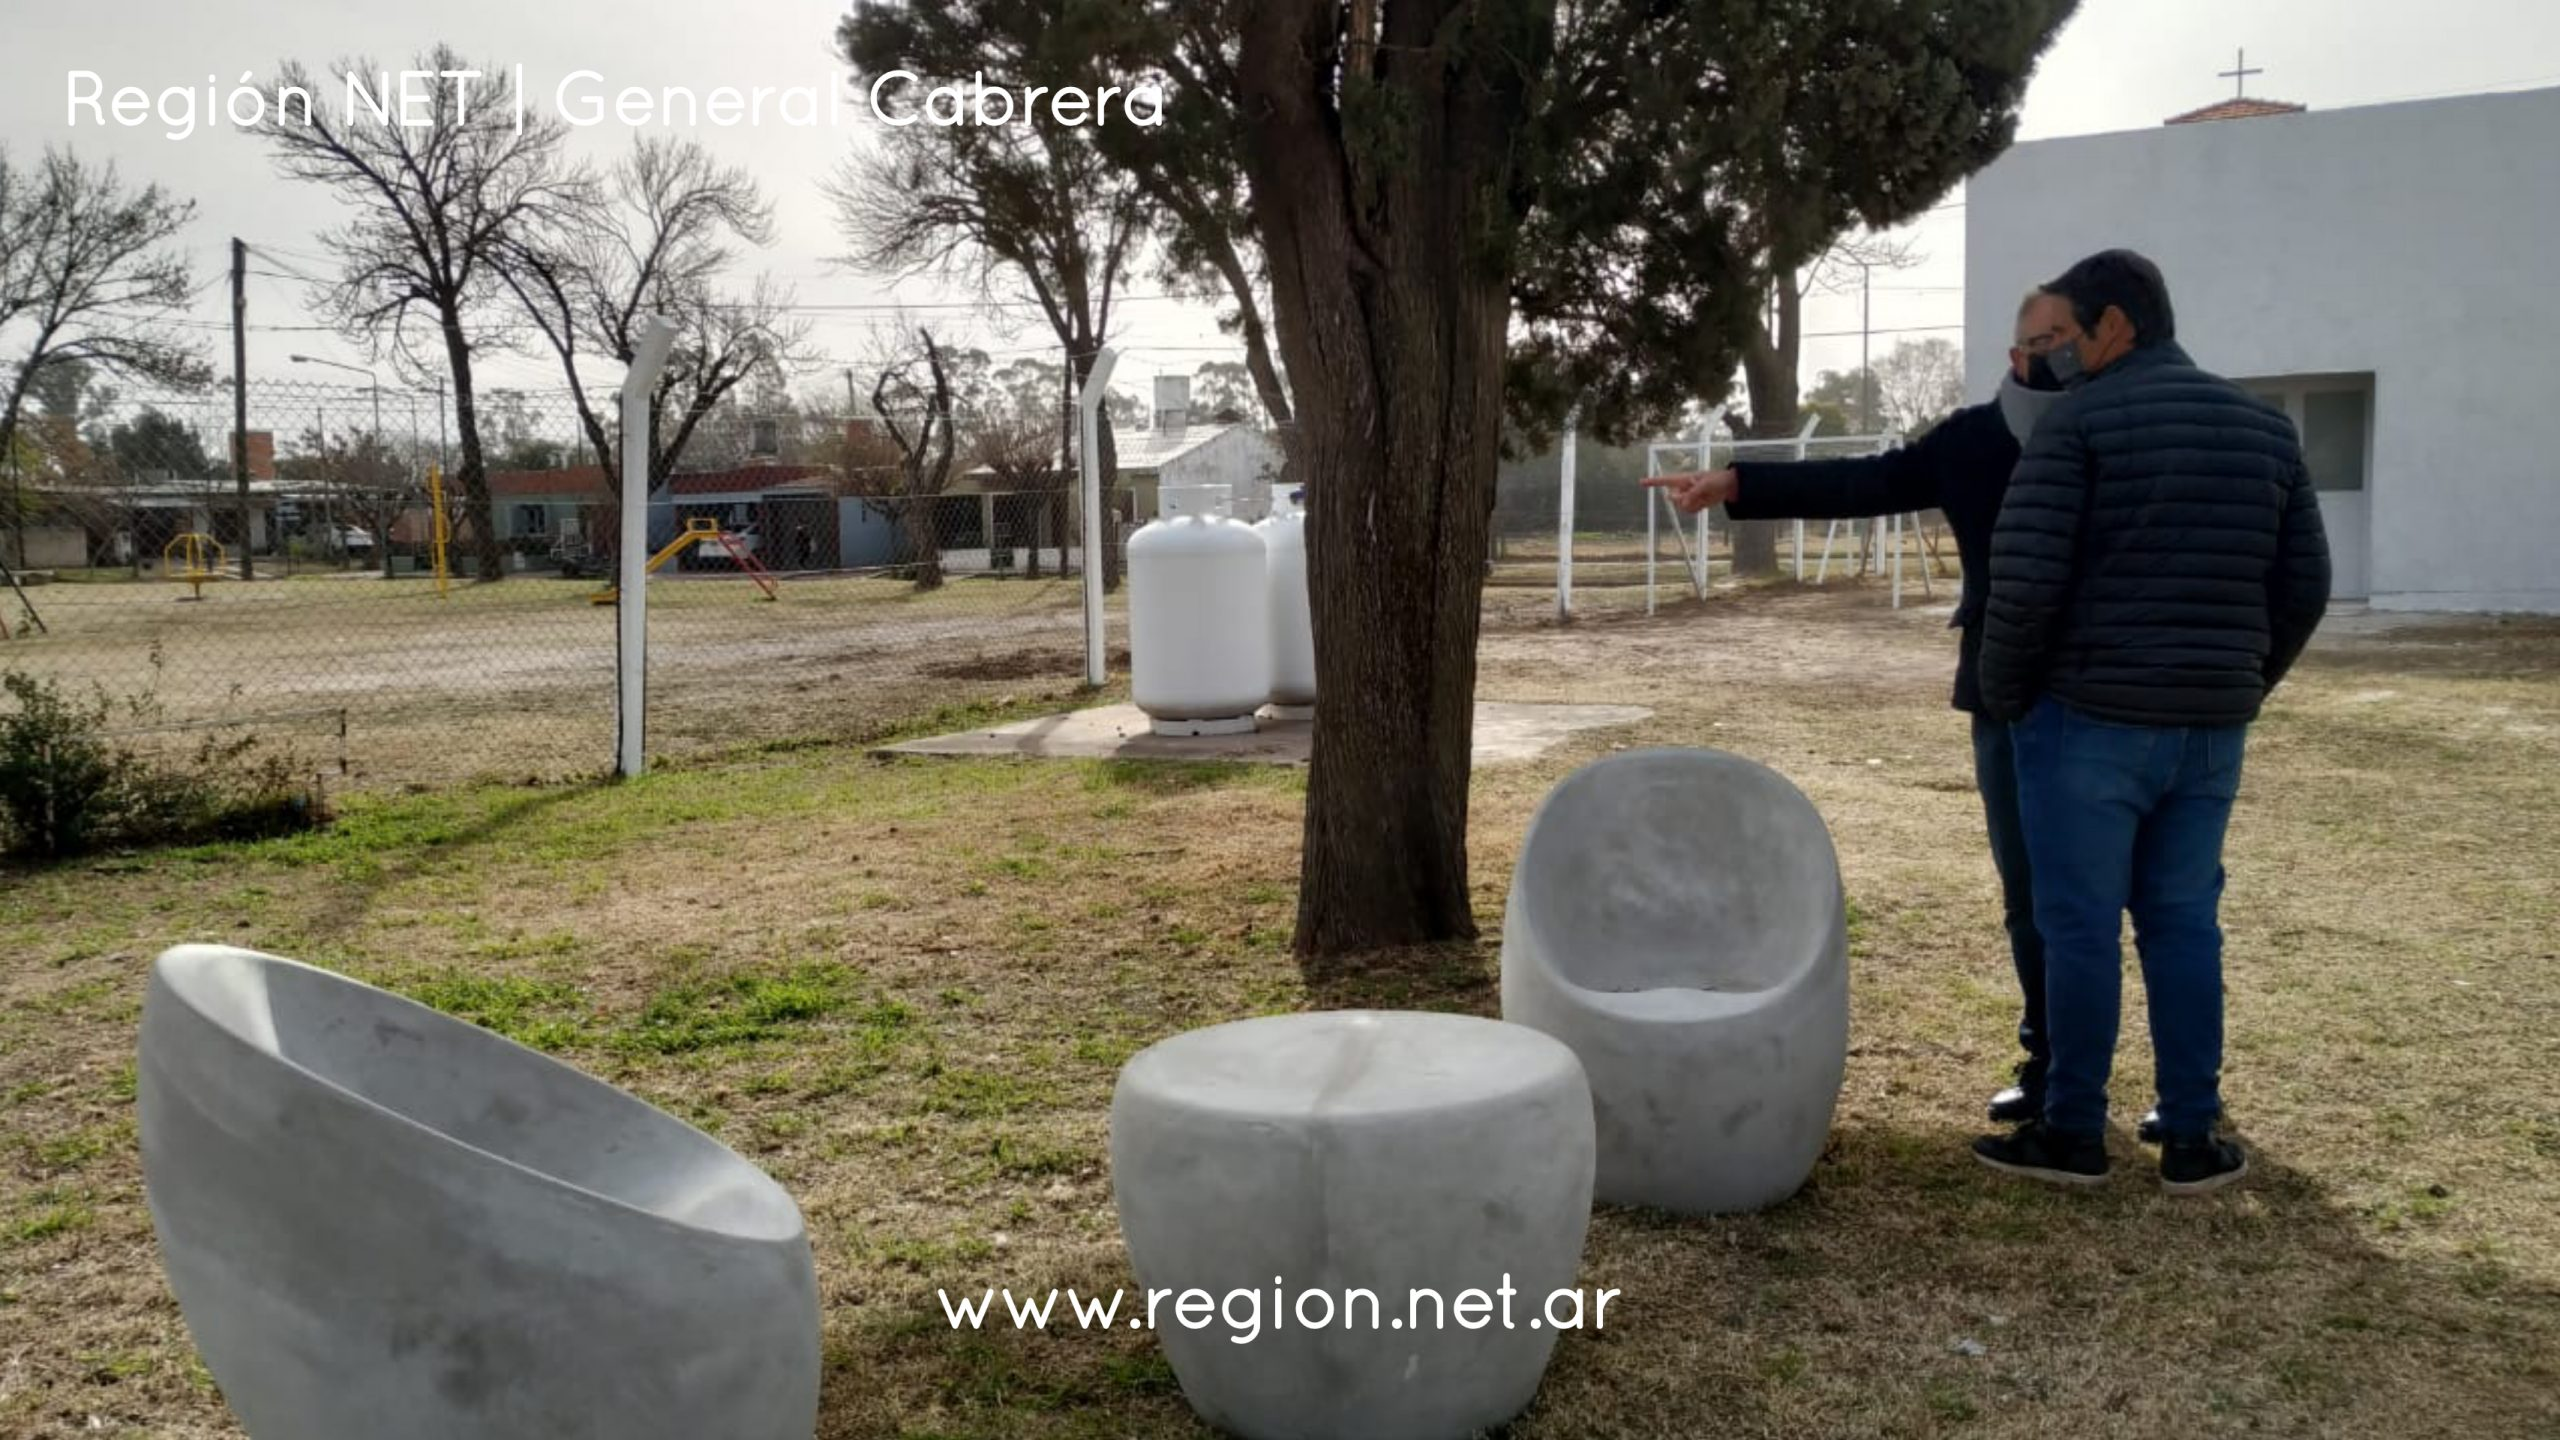 NUEVA CASA HOGAR GENERAL CABRERA (EX RESIDENCIA SAN ROQUE)